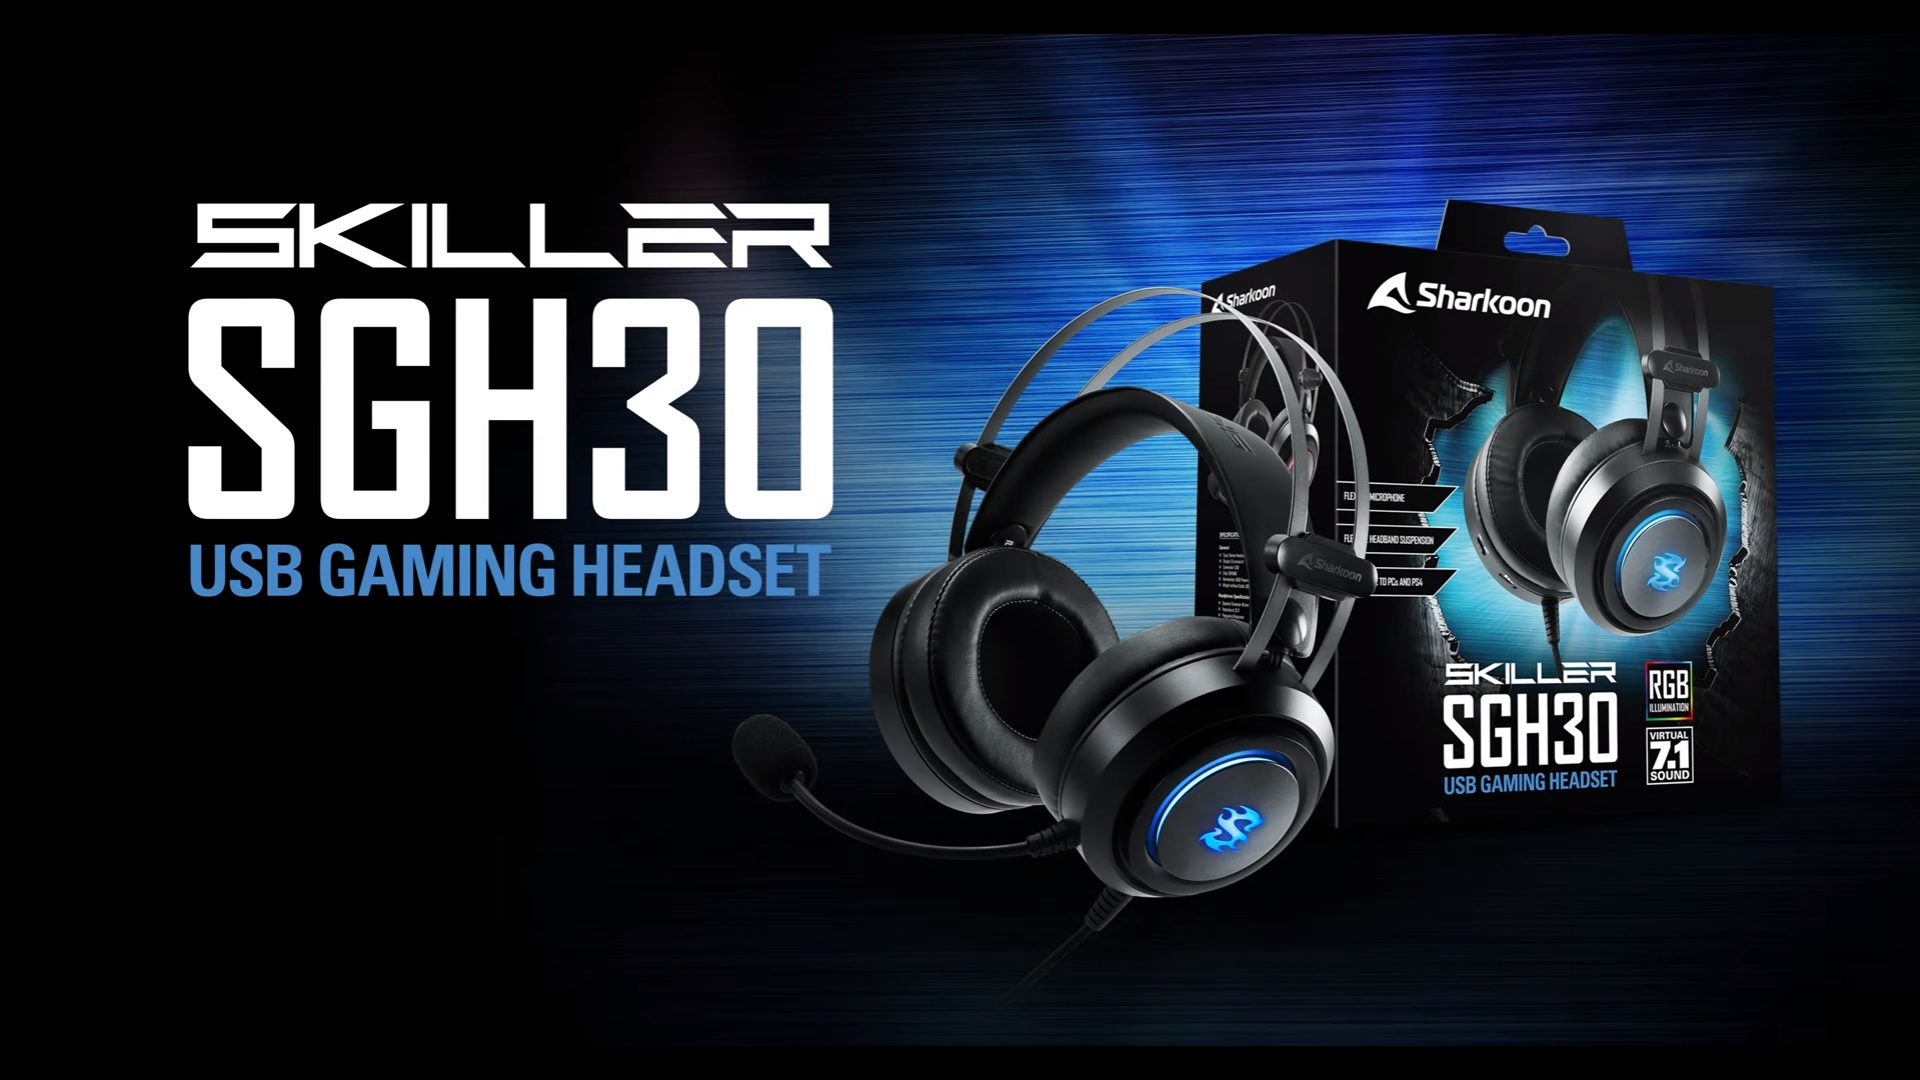 SKILLER SGH30